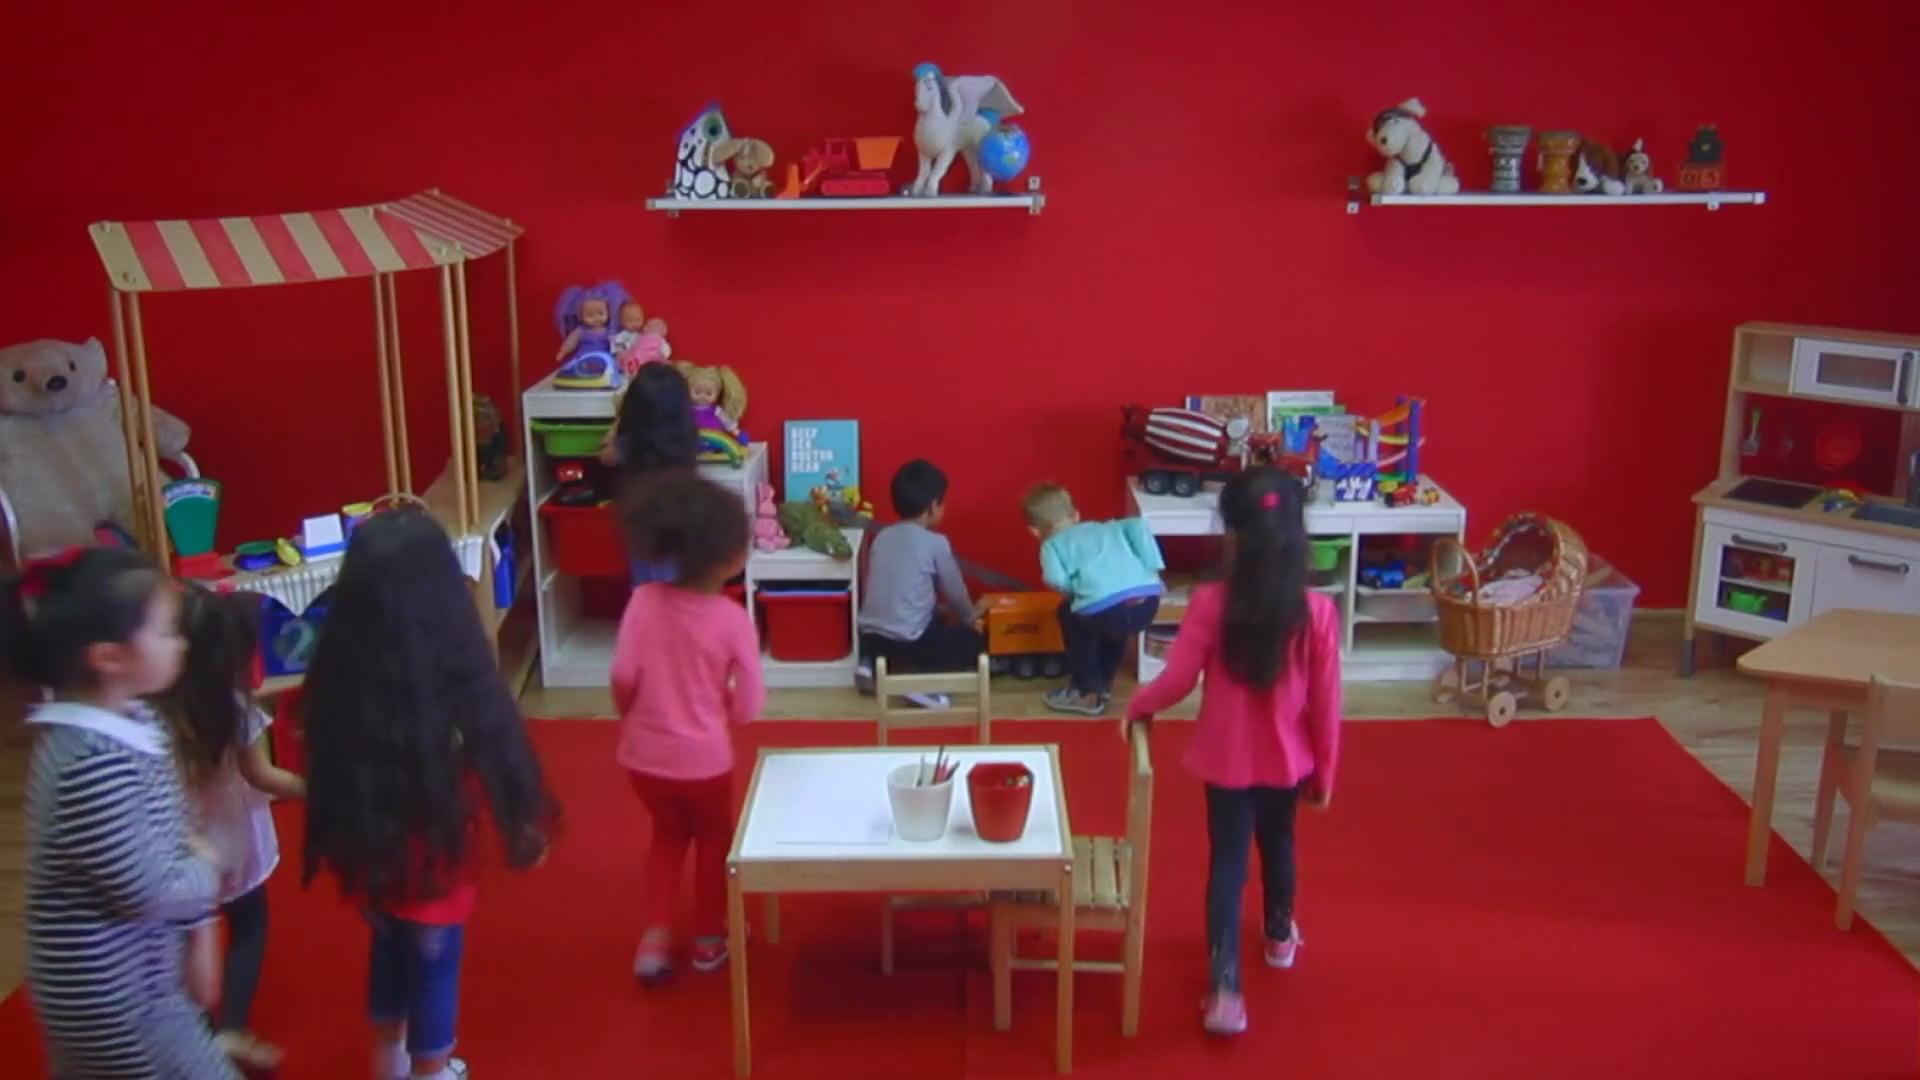 Hempel Kid's experiment video